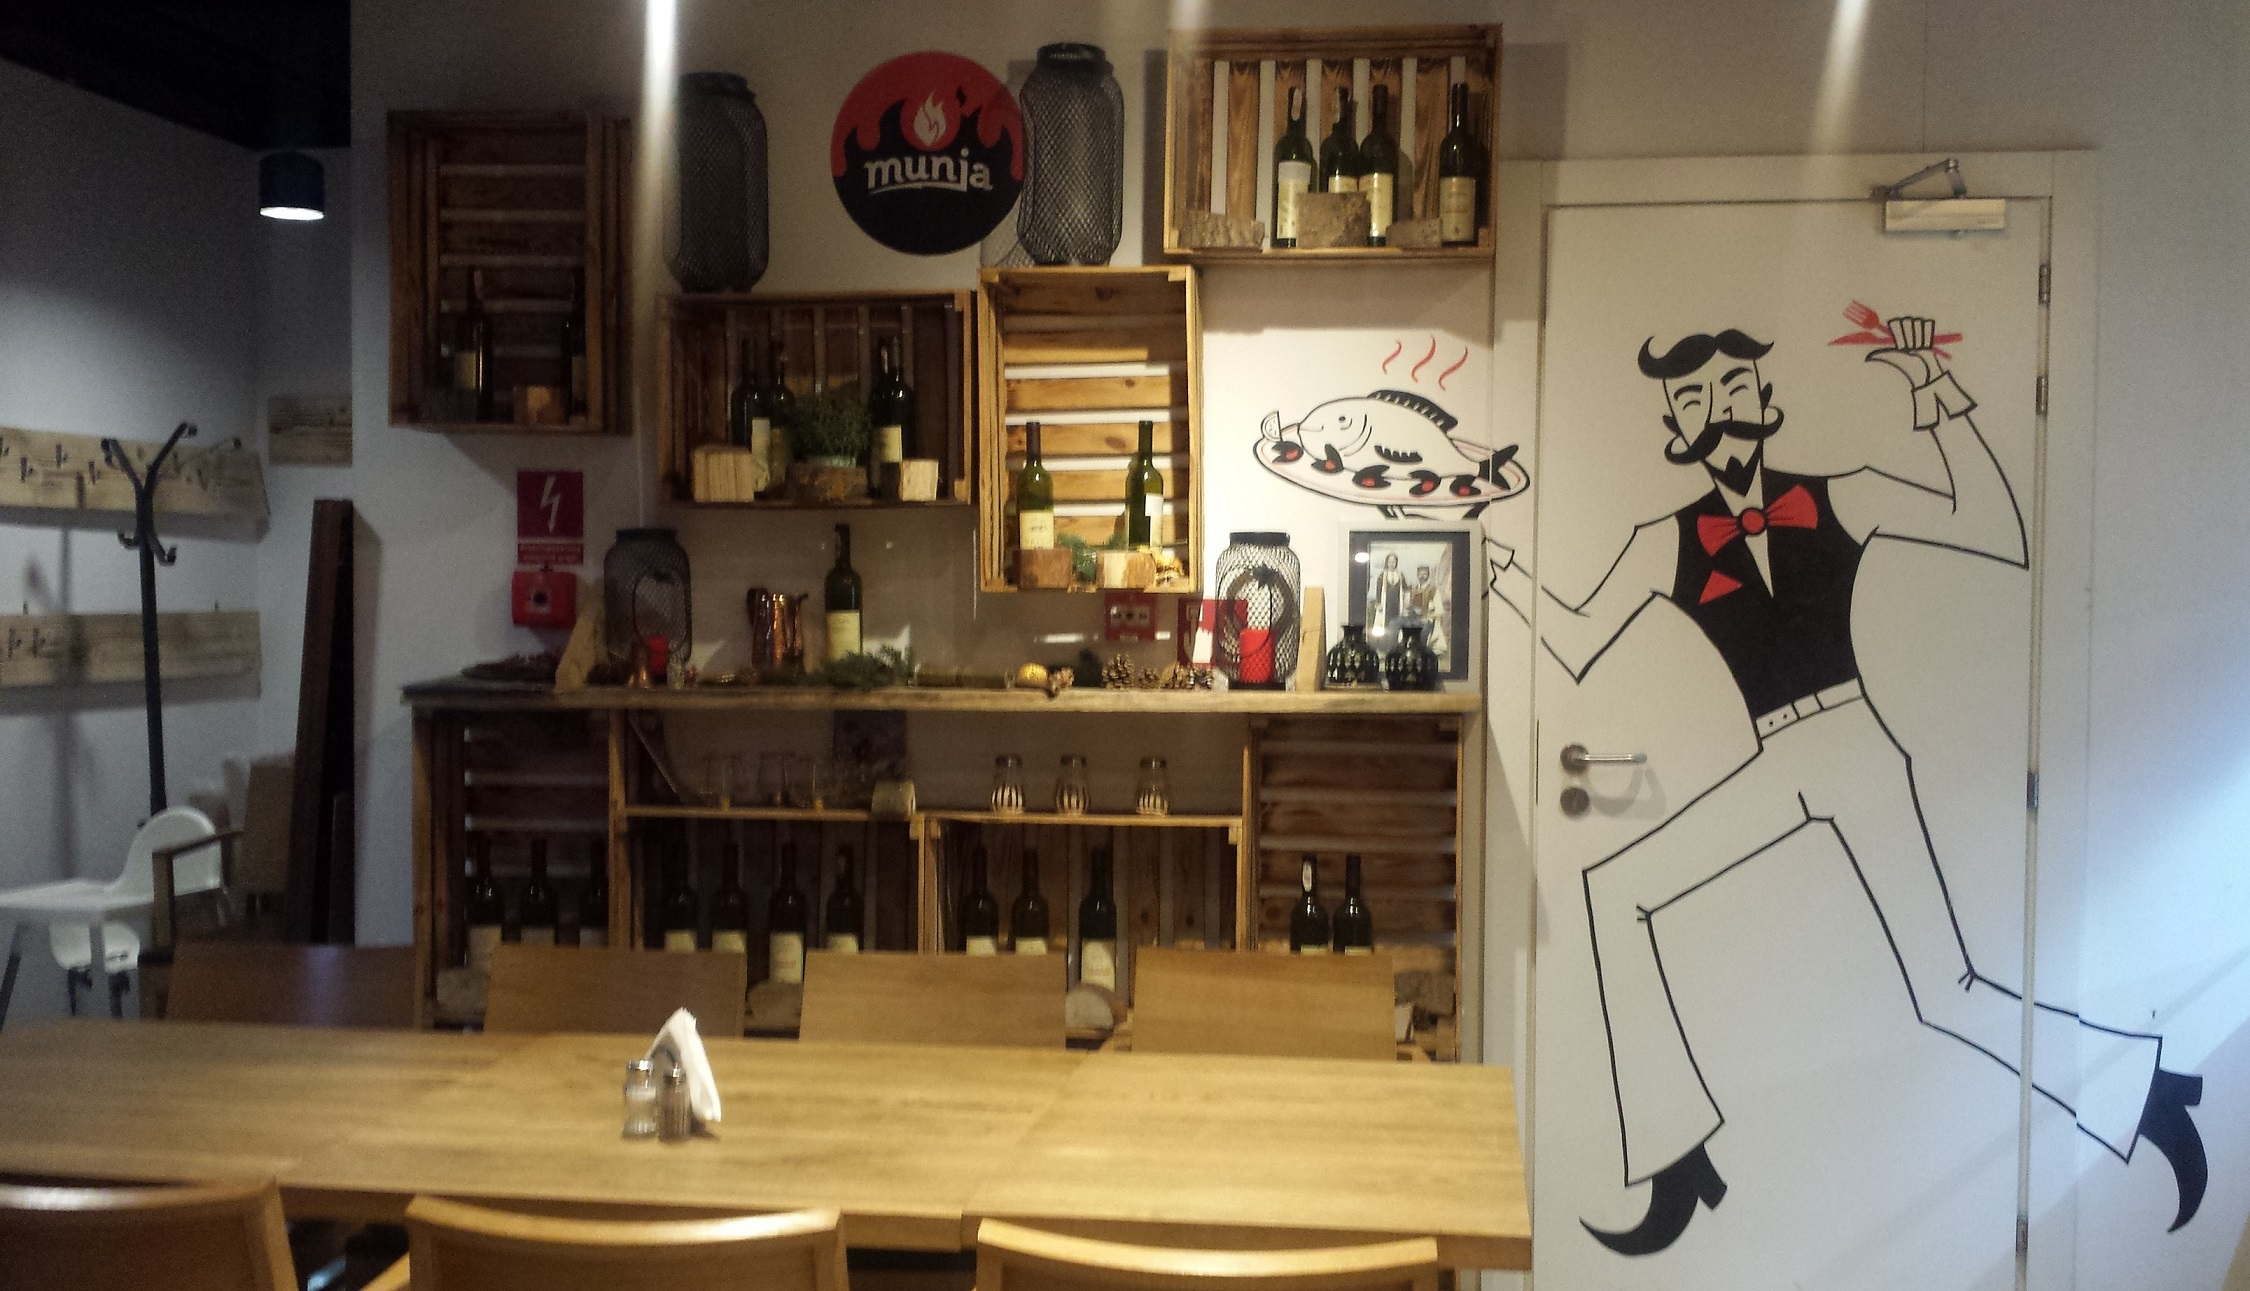 Step in Warsaw - Stadtführerin in Warschau. Ich empfehle ein Balkan Restaurant Munja (in der Nähe des Zentrums), besonders meinen Touristen aus Balkanstaaten. Die balkanische Bedienung. Warschau, 25.07.2019.